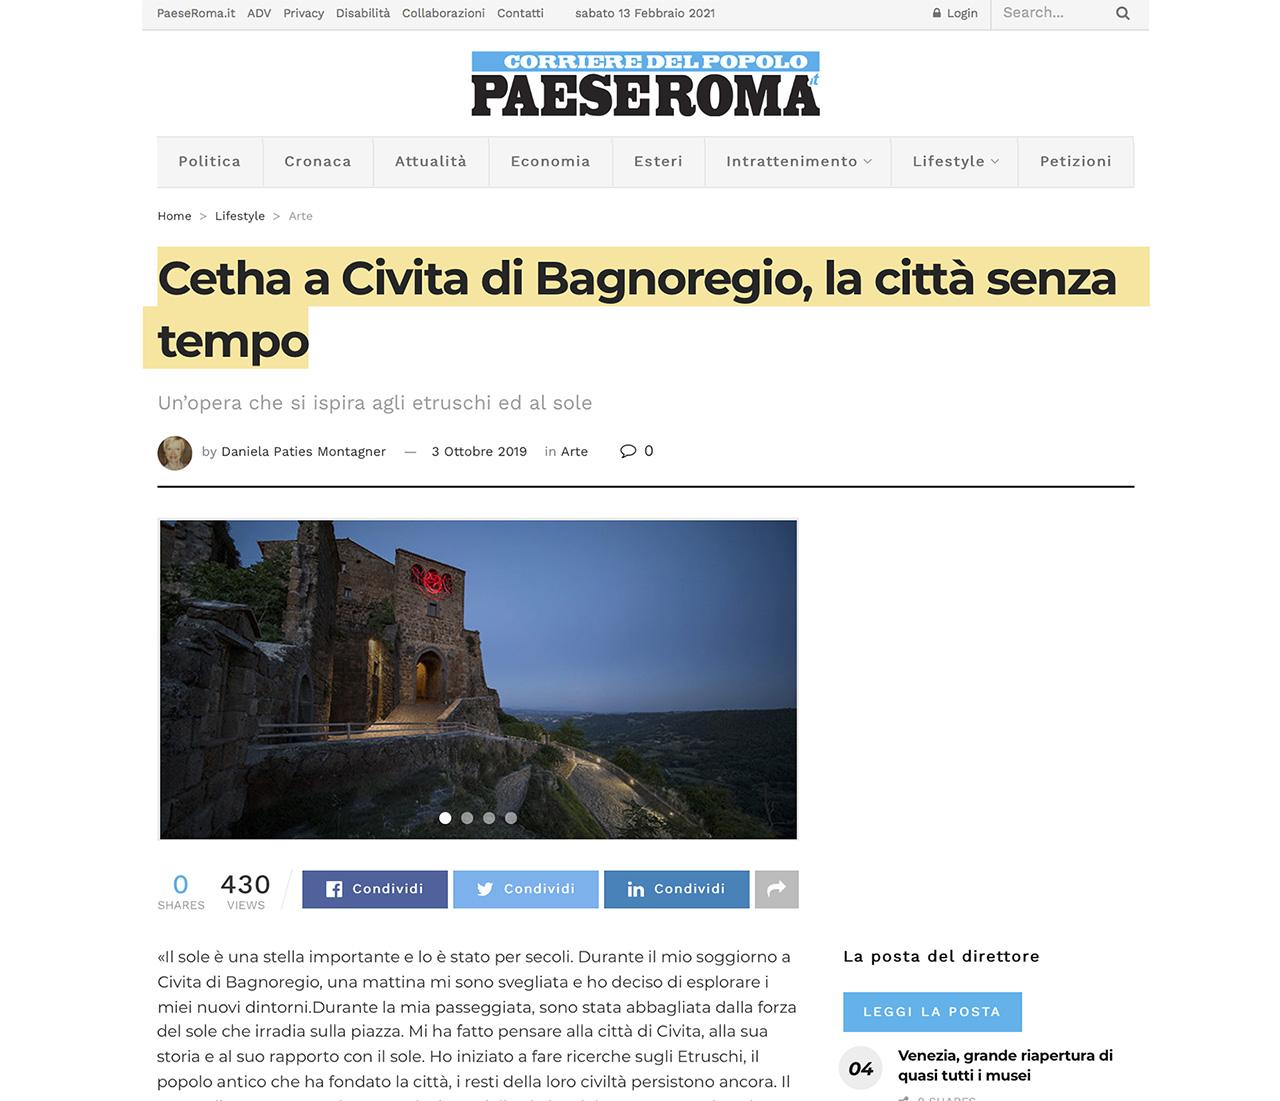 grimanesa Amoros paeseroma cetha light artwork Civita